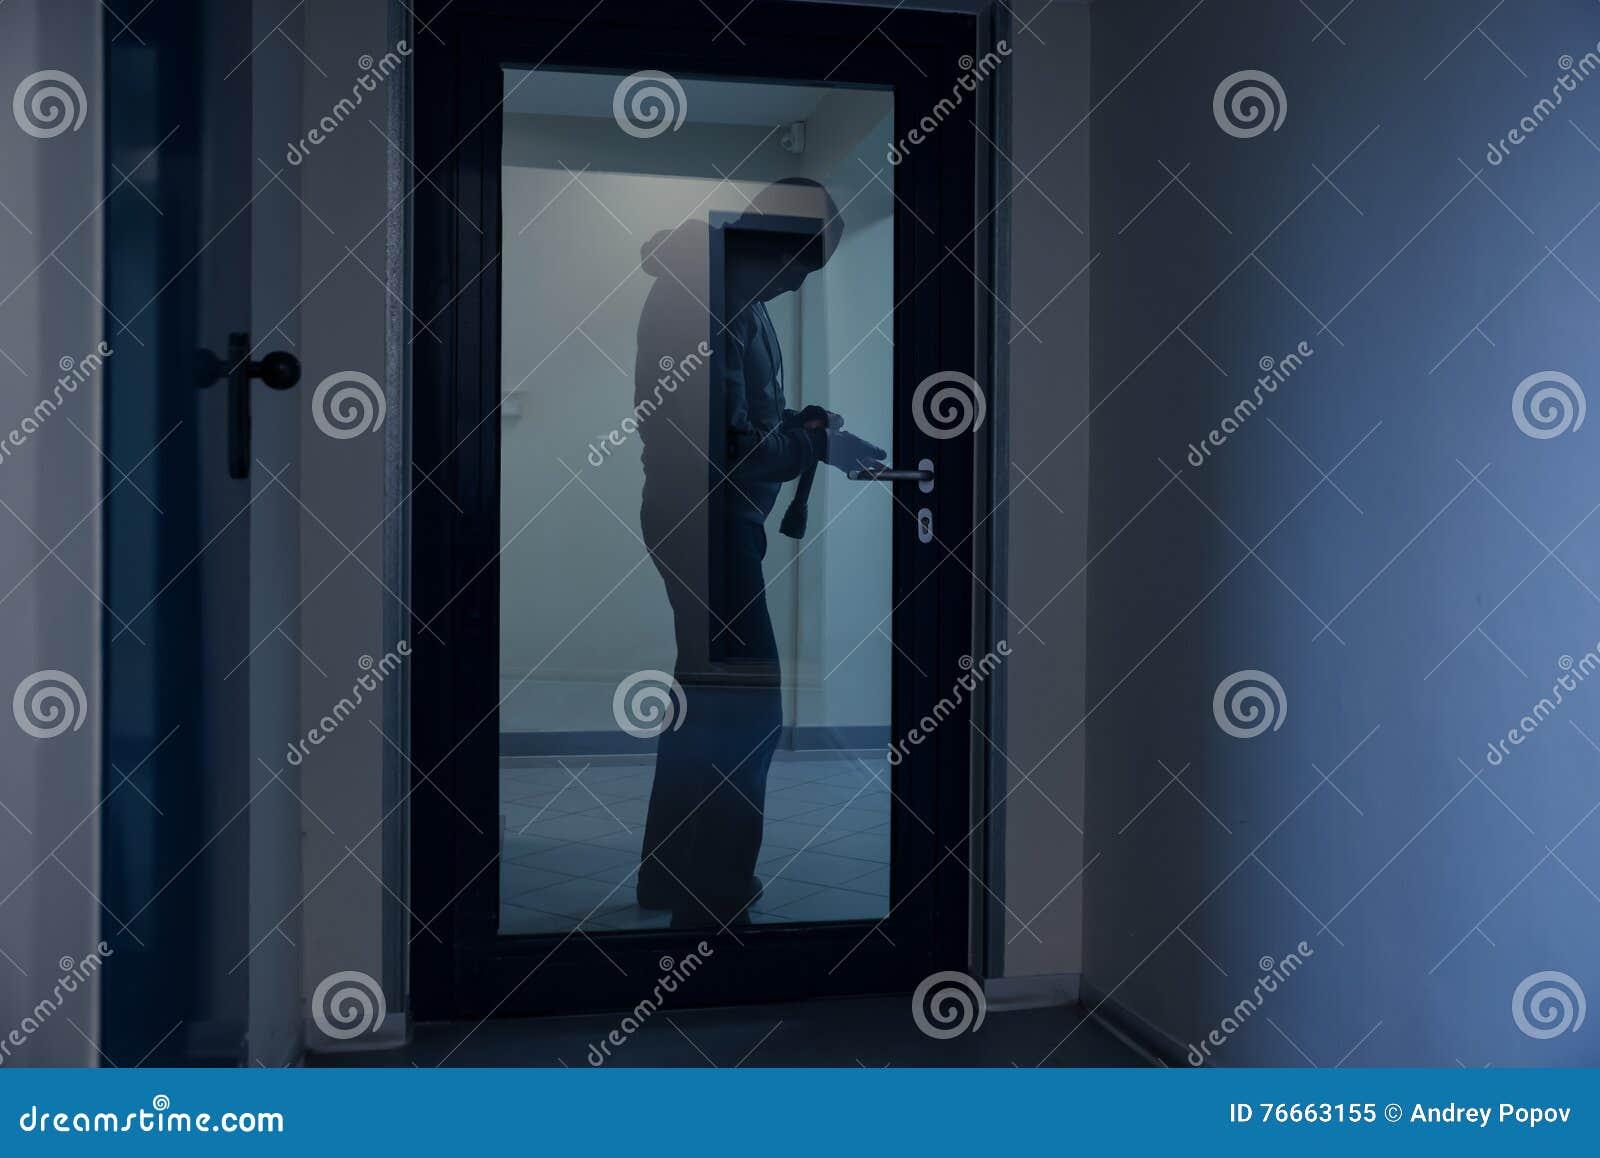 Burglar Using Crowbar To Open Glass Door Stock Image Image Of